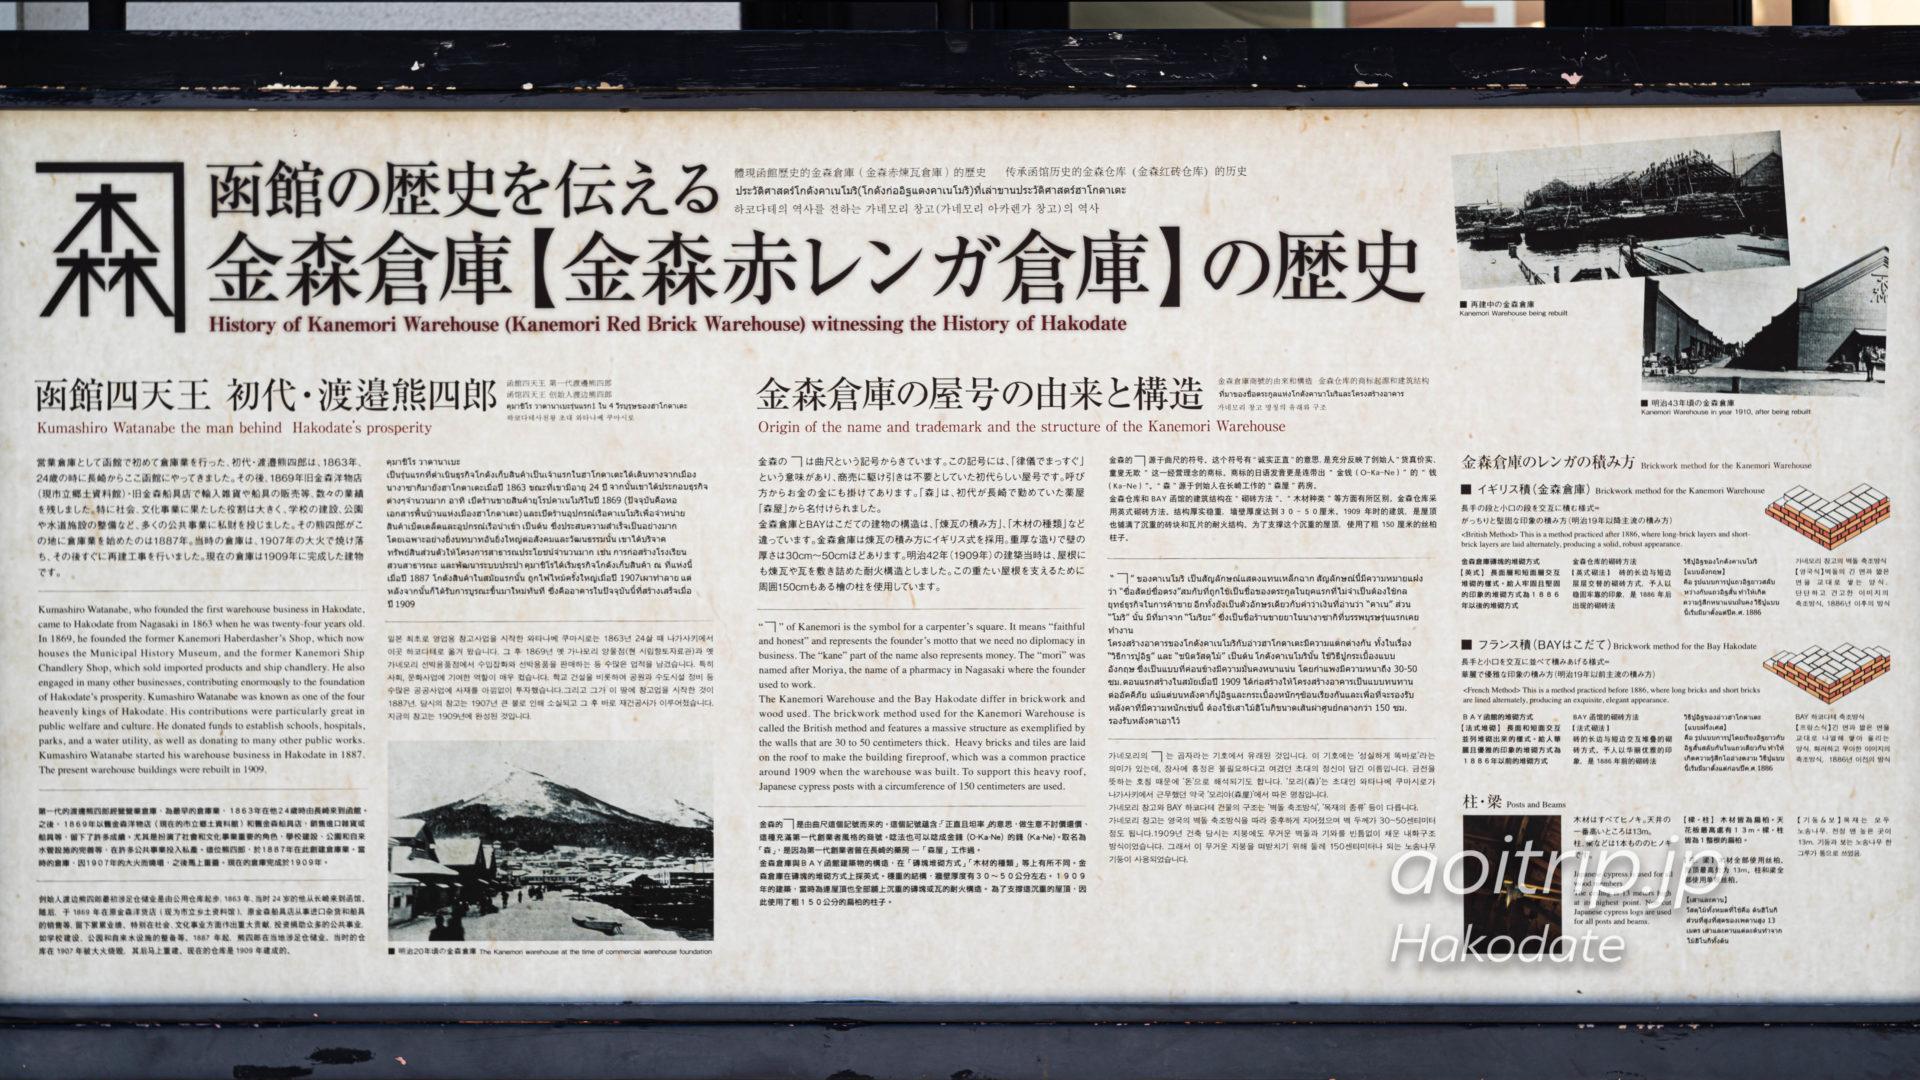 函館の歴史を伝える金森倉庫「金森赤レンガ倉庫」の歴史